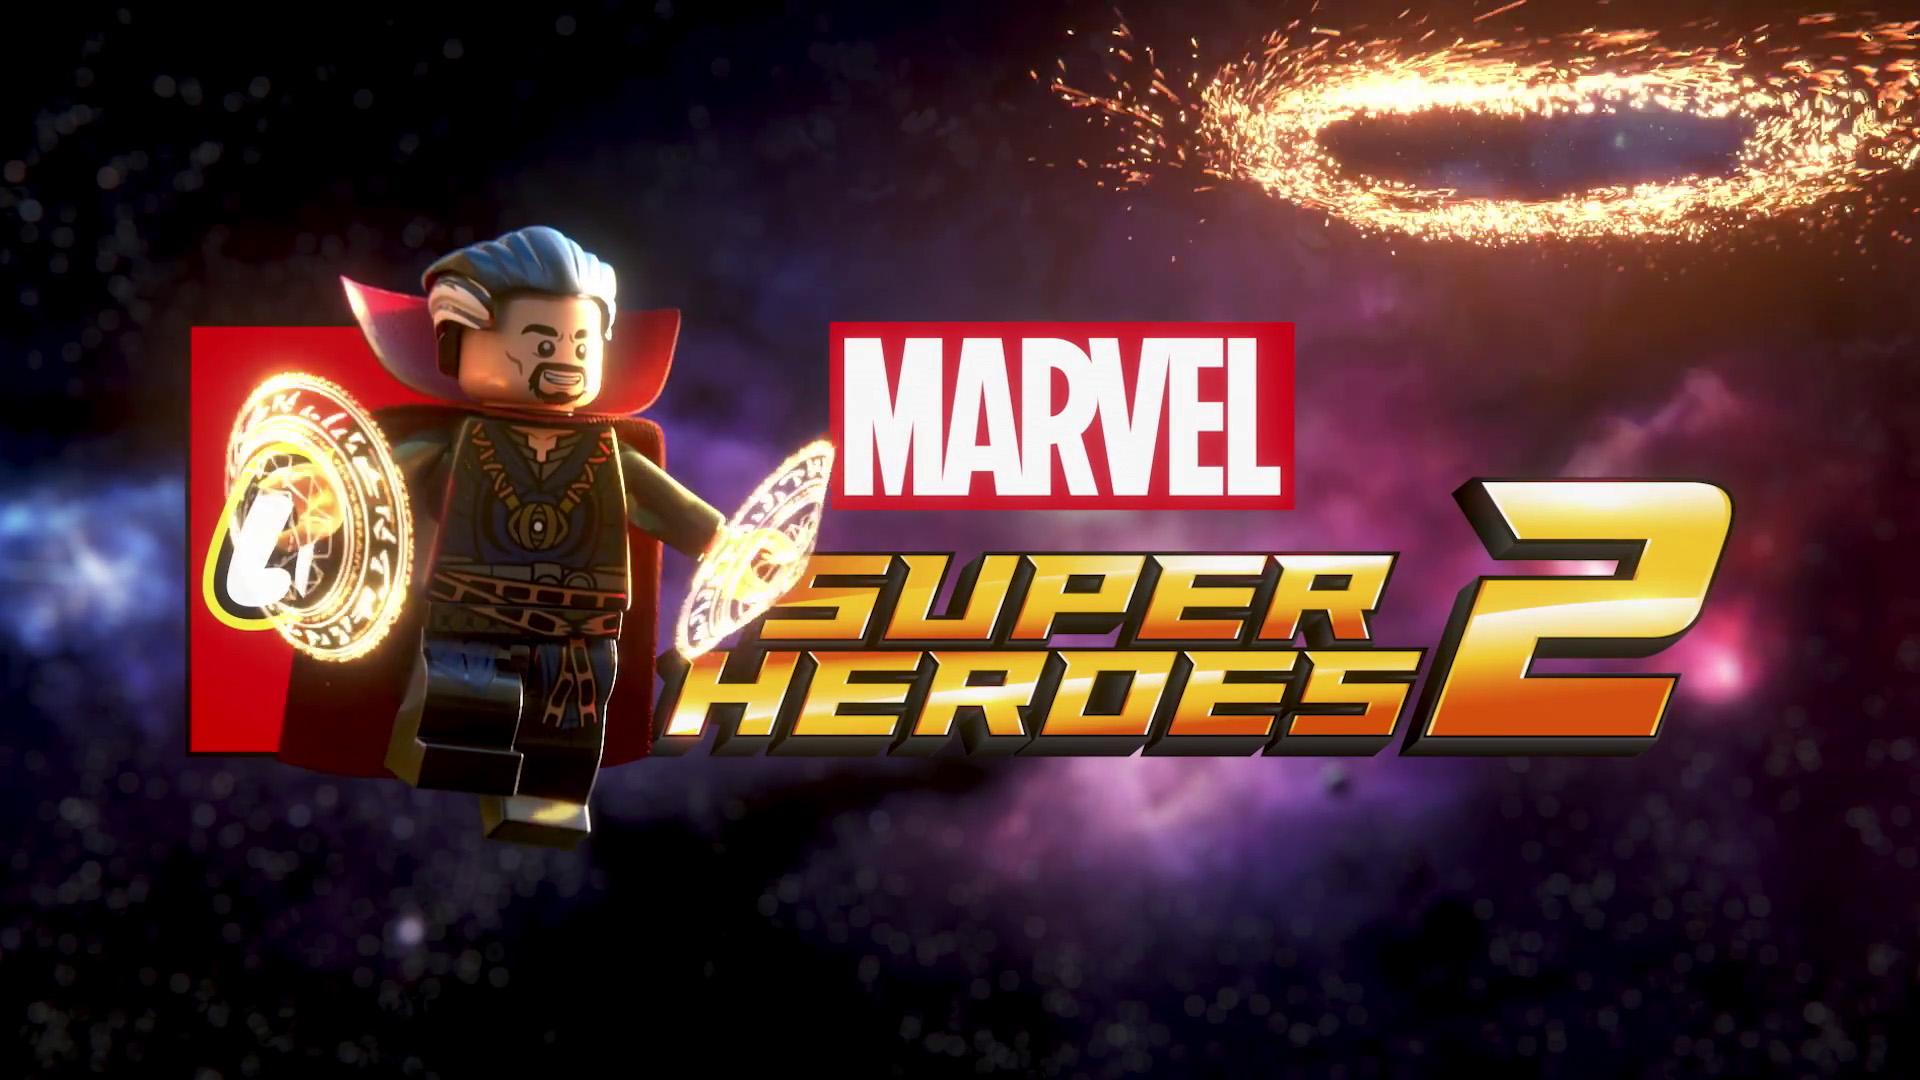 Marvel Super Heroes 60 Superhéroes: LEGO Marvel Super Heroes 2 Story Trailer